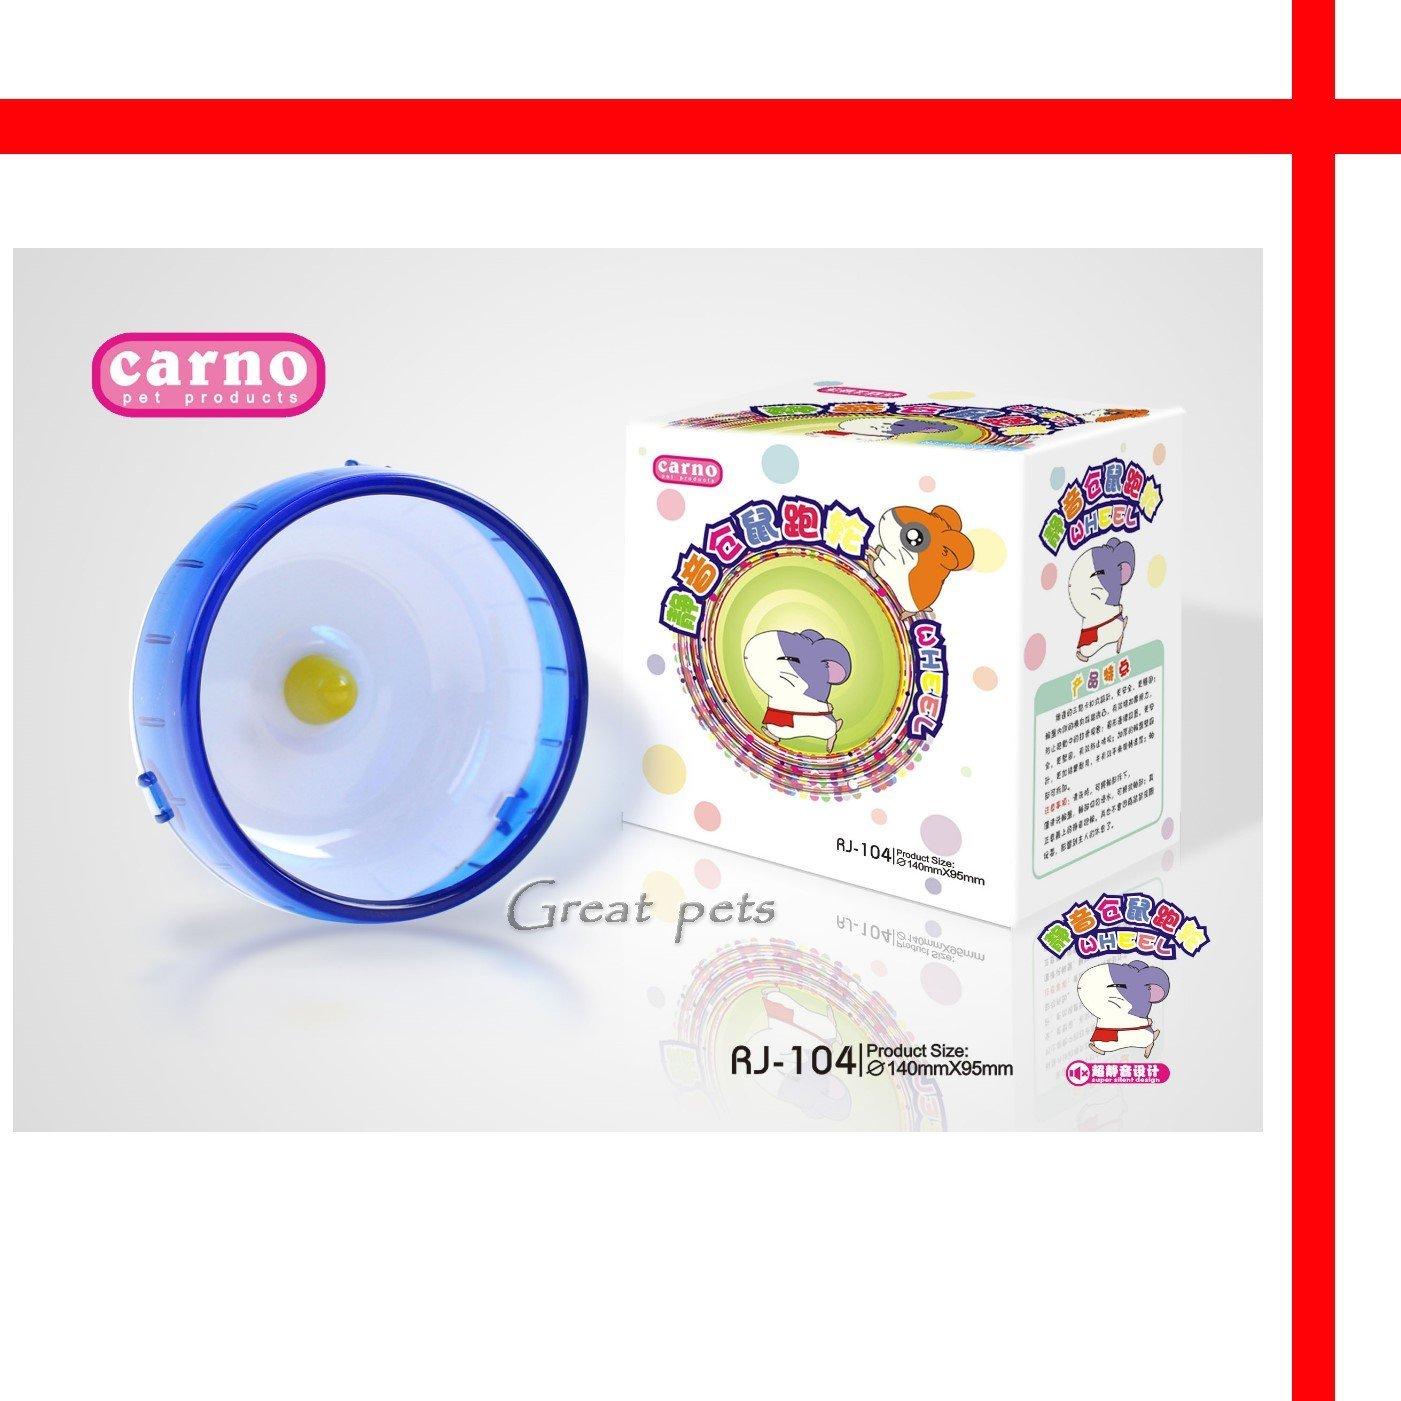 【格瑞特寵物】CARNO卡諾《兩用靜音滾輪-S》藍色 粉紅色 12cm含腳架 吸盤- 小型寵物鼠【可超取】